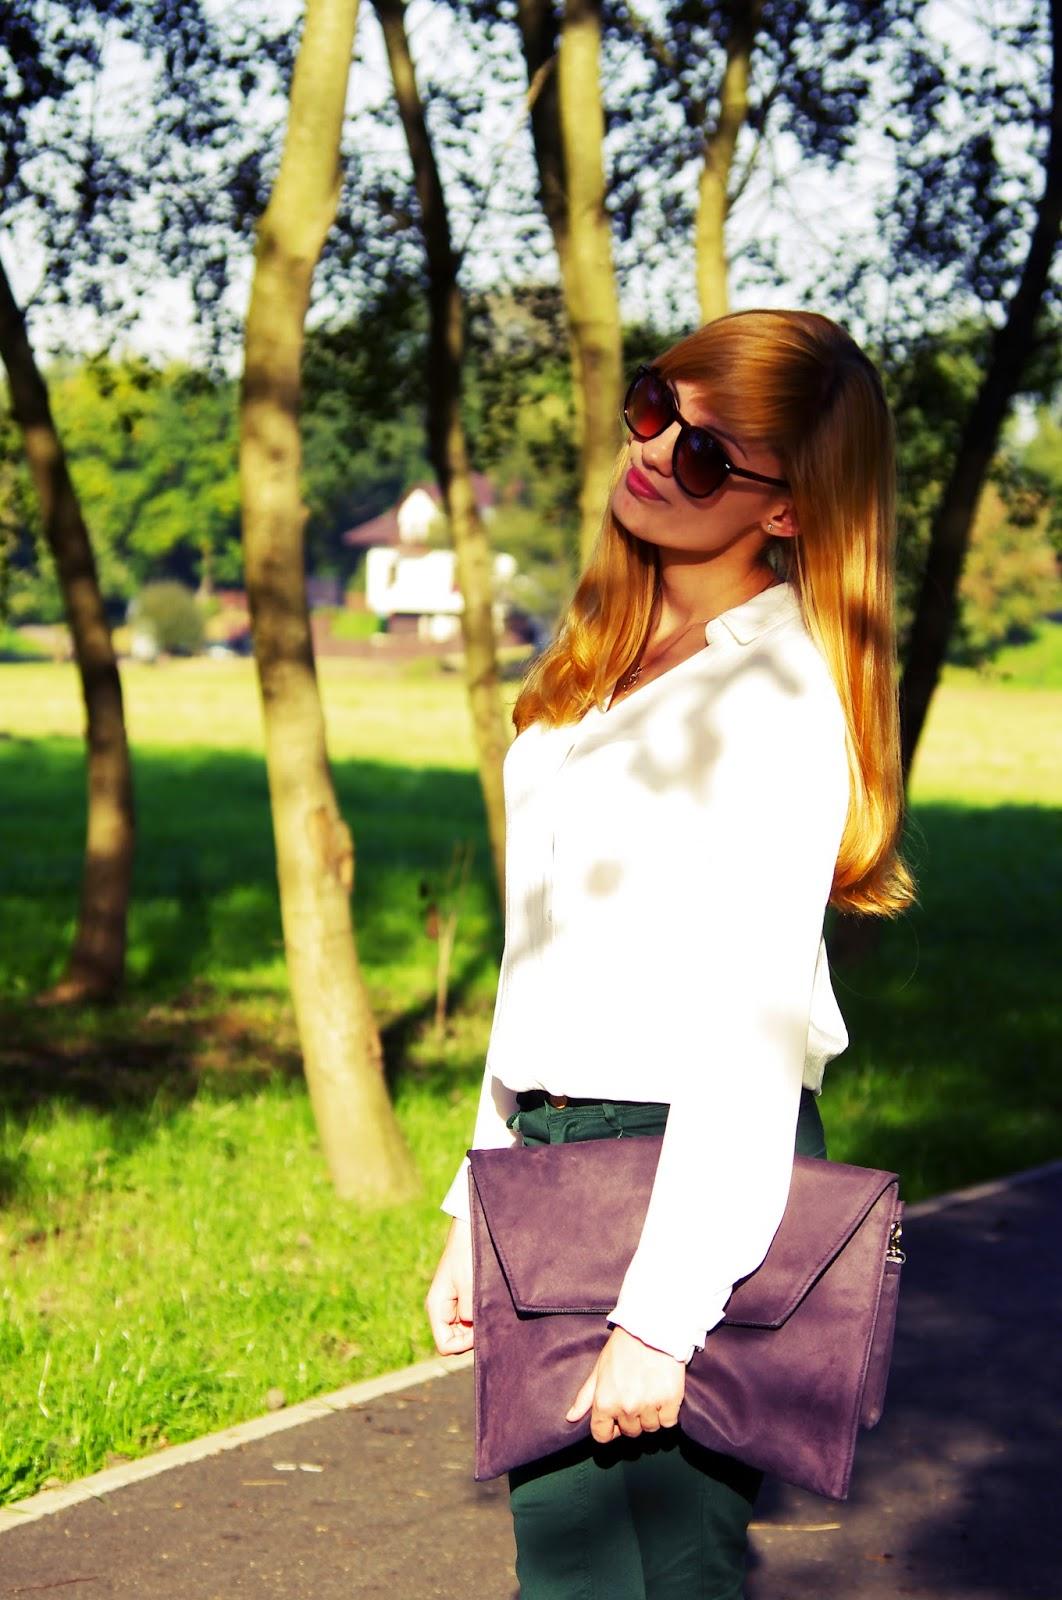 moda, czarna, kopertówka, biała, koszula, zielone, spodnie, fashion, strój dnia, ourfit, of, the, day, zestaw, model, rudowłosa, ruda, dziewczyna, czerwone, szpilki